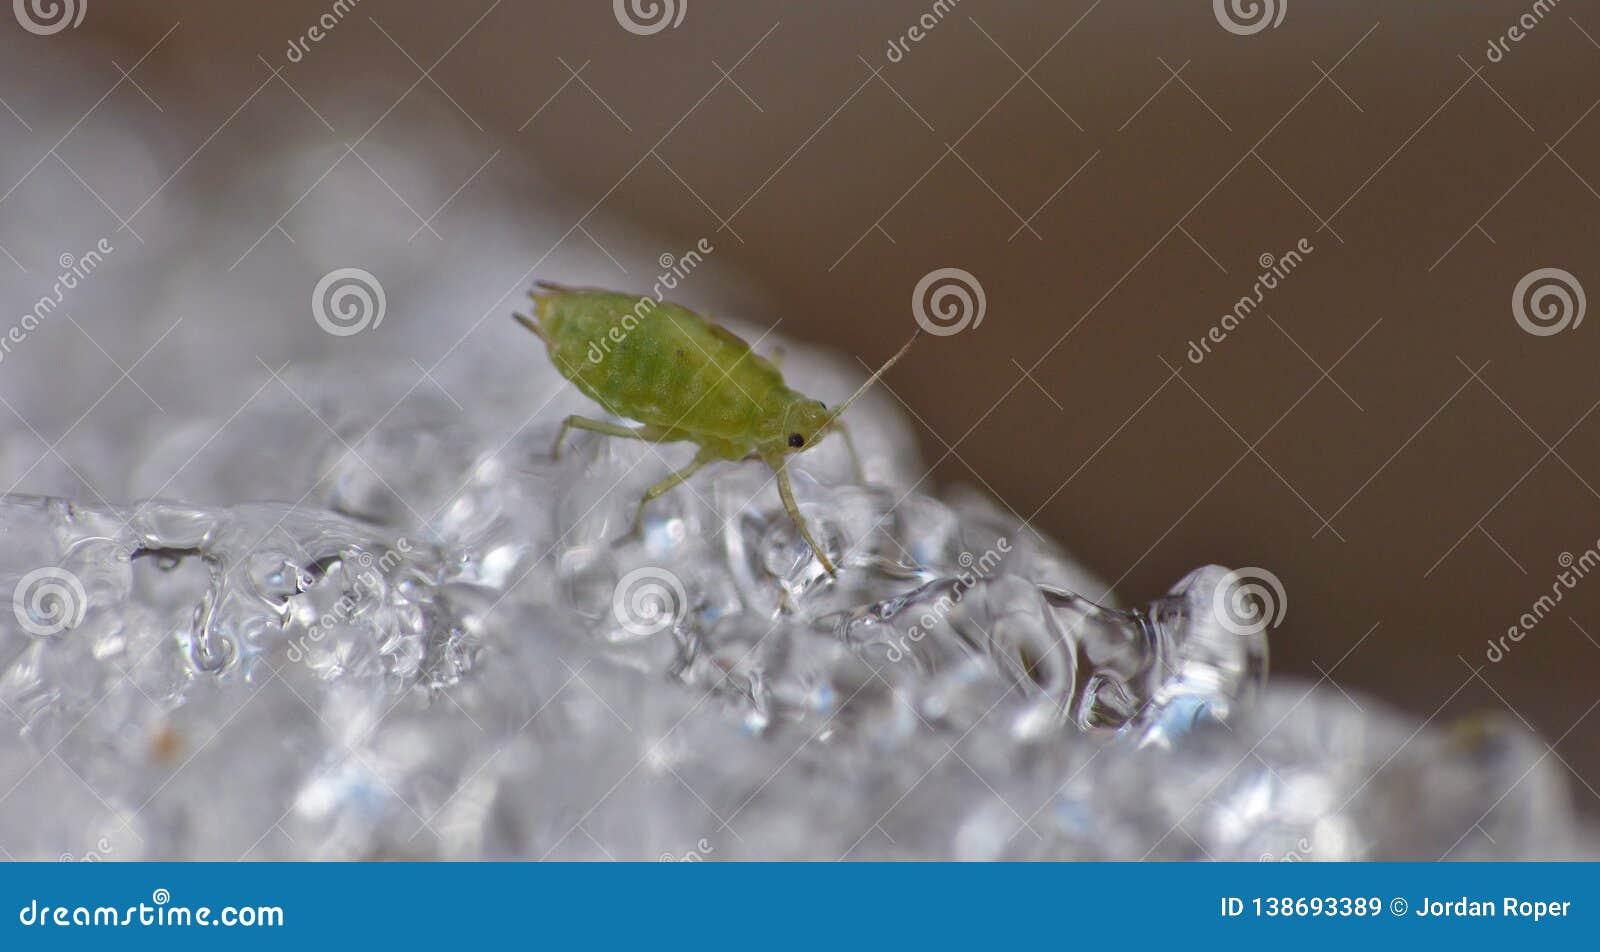 Korówka na lodzie Zjednoczone Królestwo - Makro- fotografia -